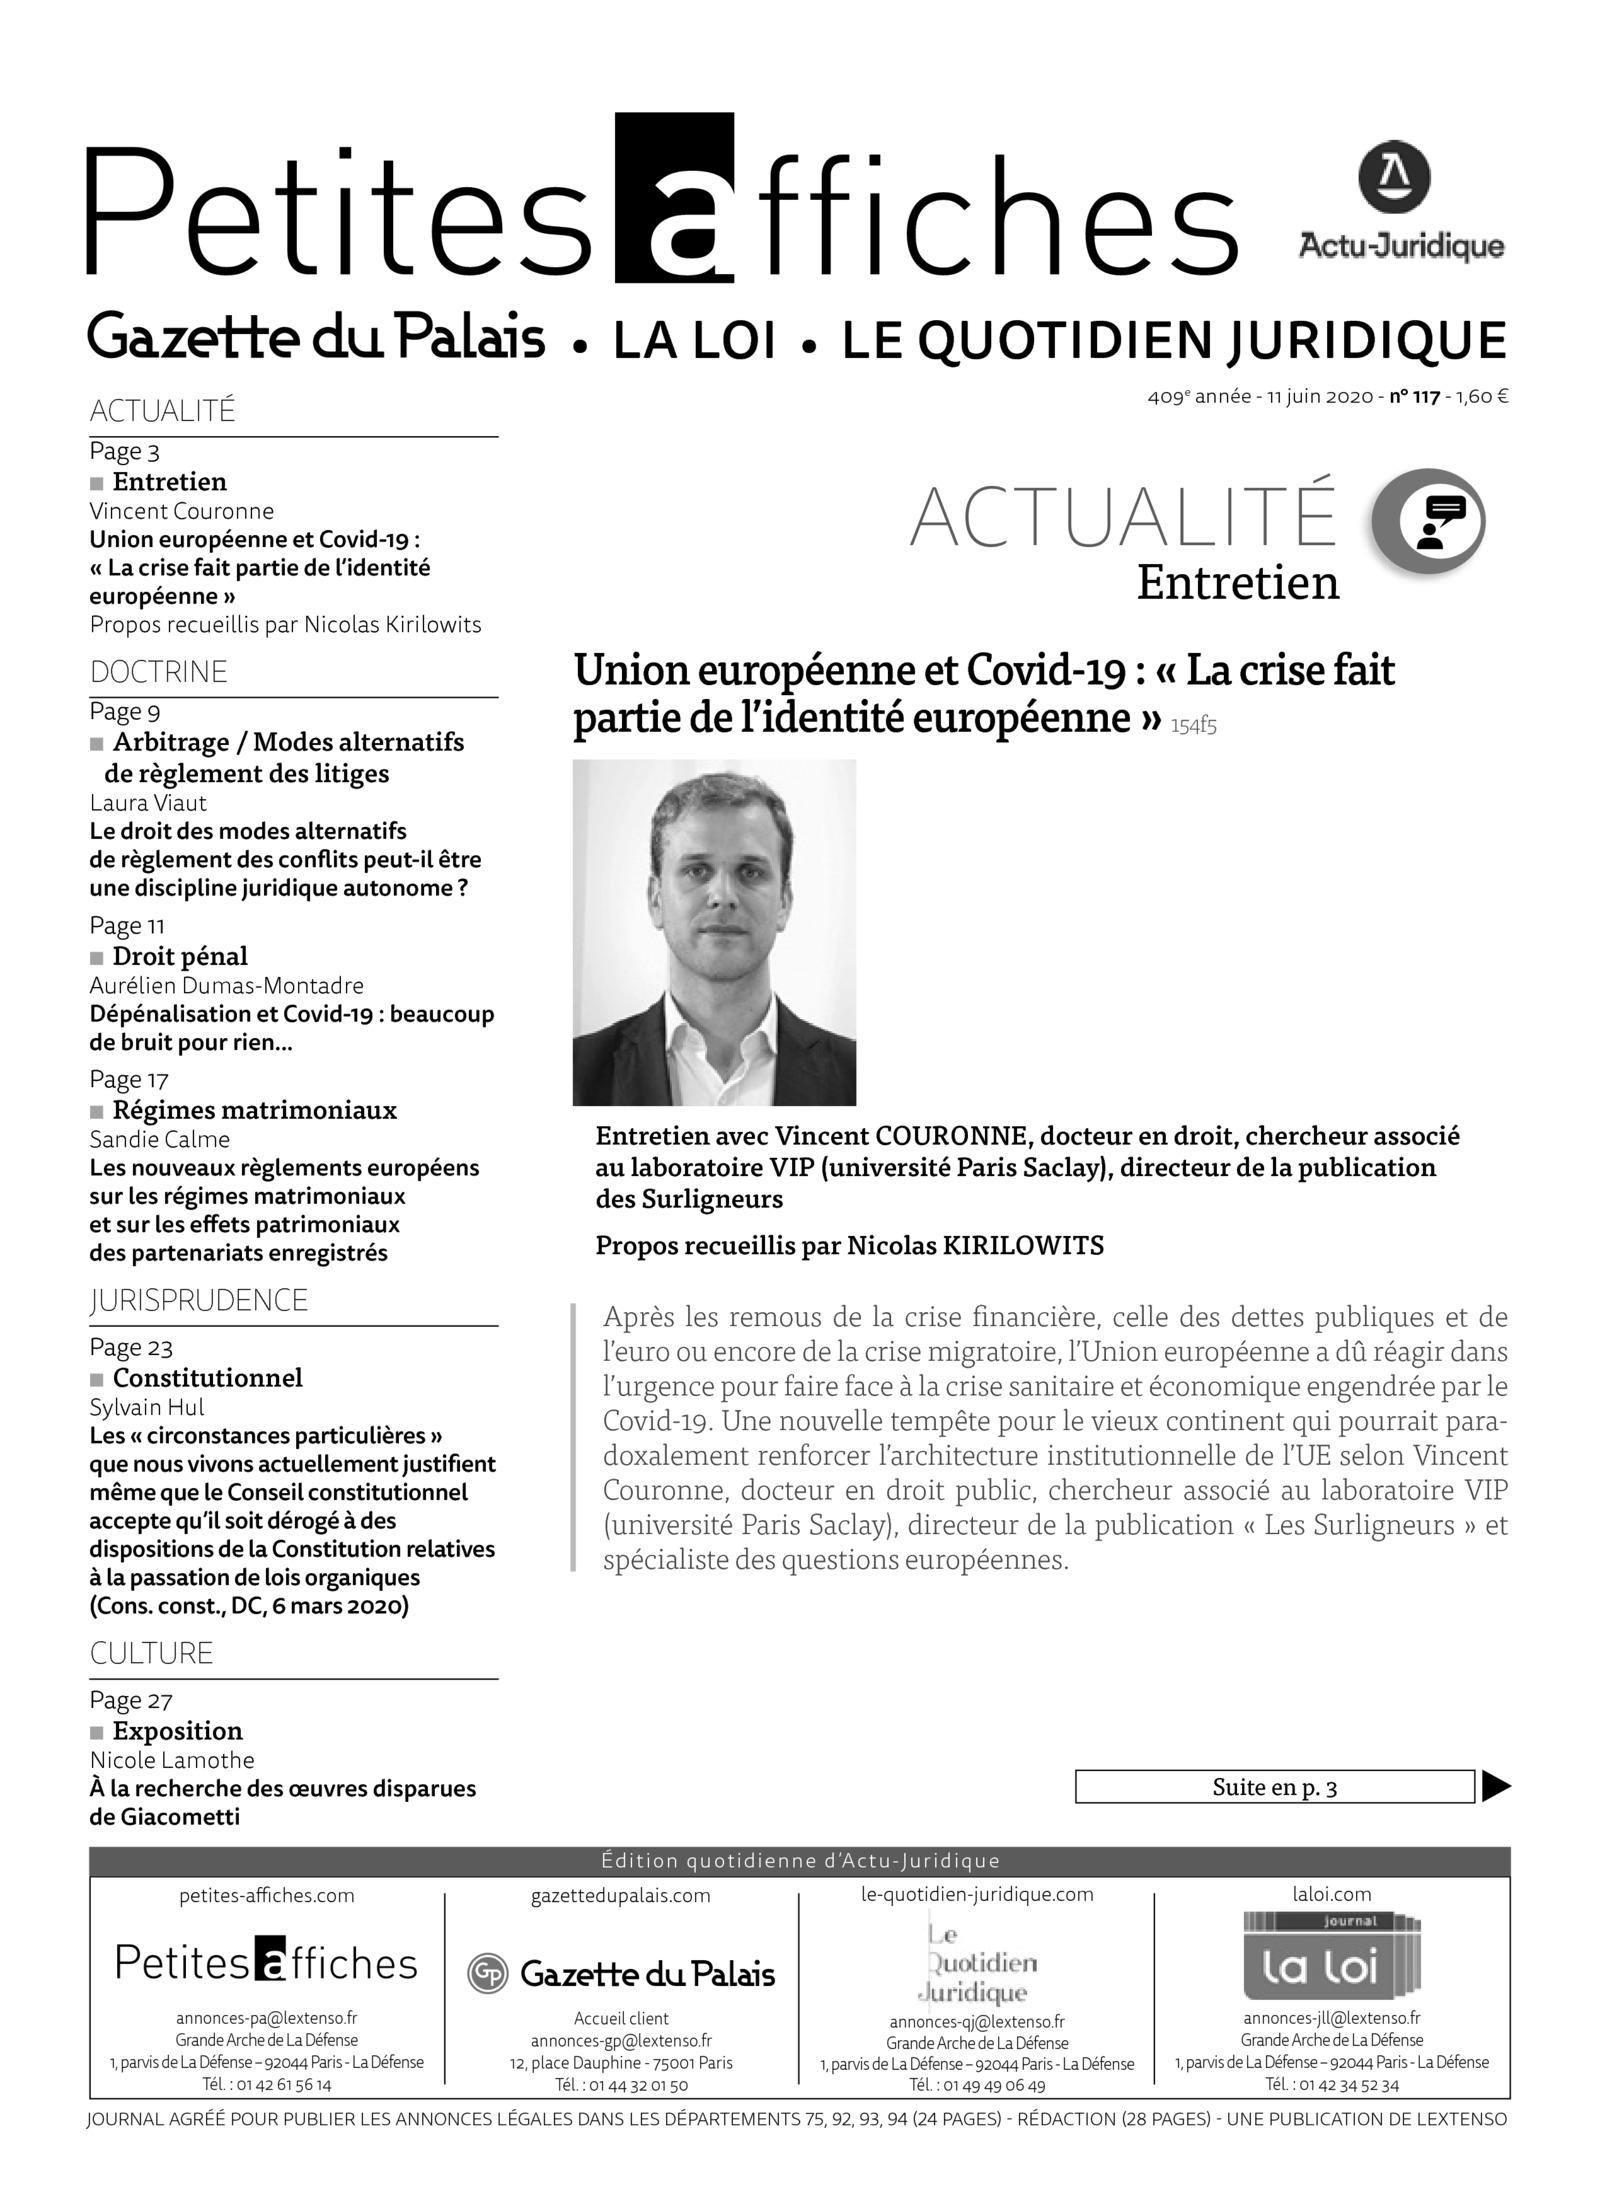 Union Europeenne Et Covid 19 La Crise Fait Partie De L Identite Europeenne Actu Juridique